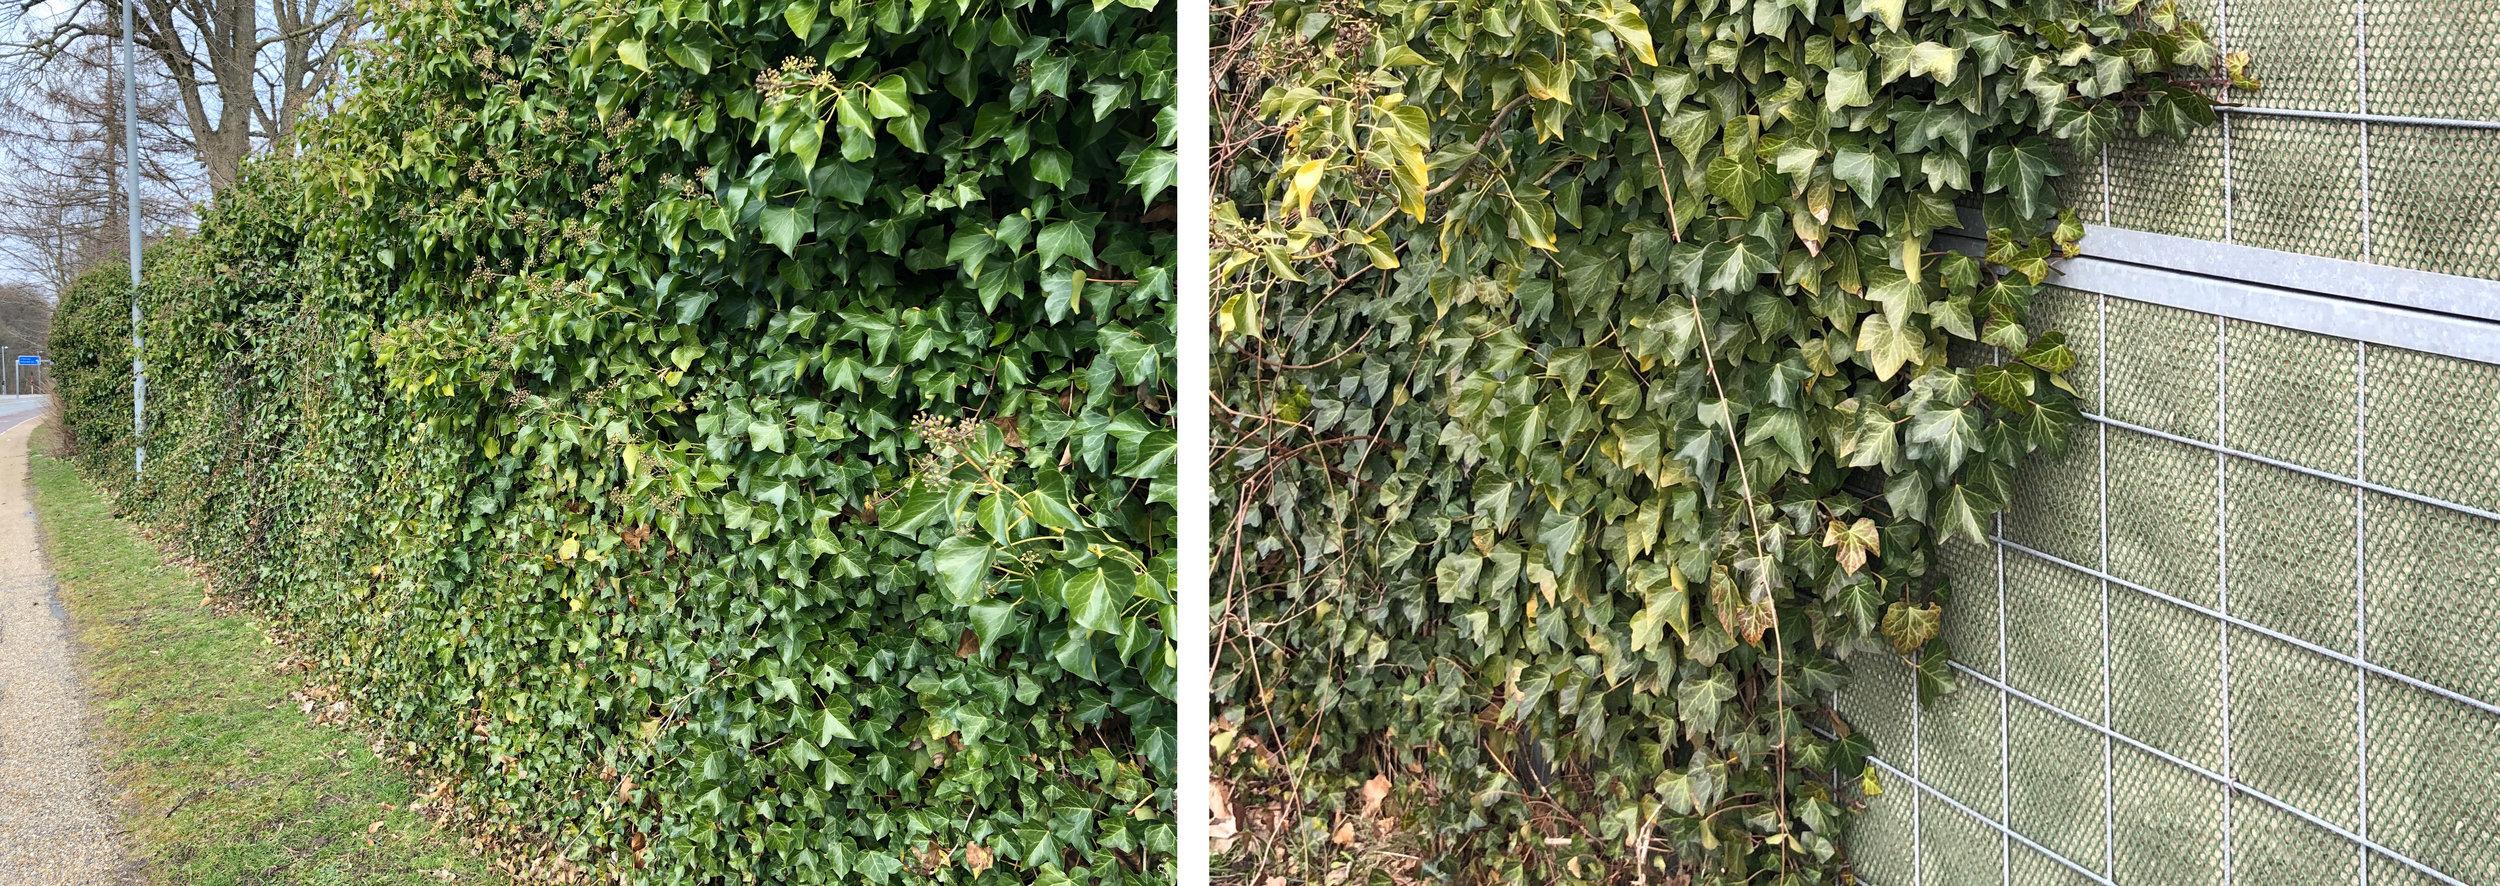 Ud for Mosekrogen er der tidligere sat et tilsvarende støjhegn op ud mod Kongevejen. Her blev plantet vedbend, som jo er stedsegrønt og nu er blevet til en fin grøn hæk. Foto: AOB